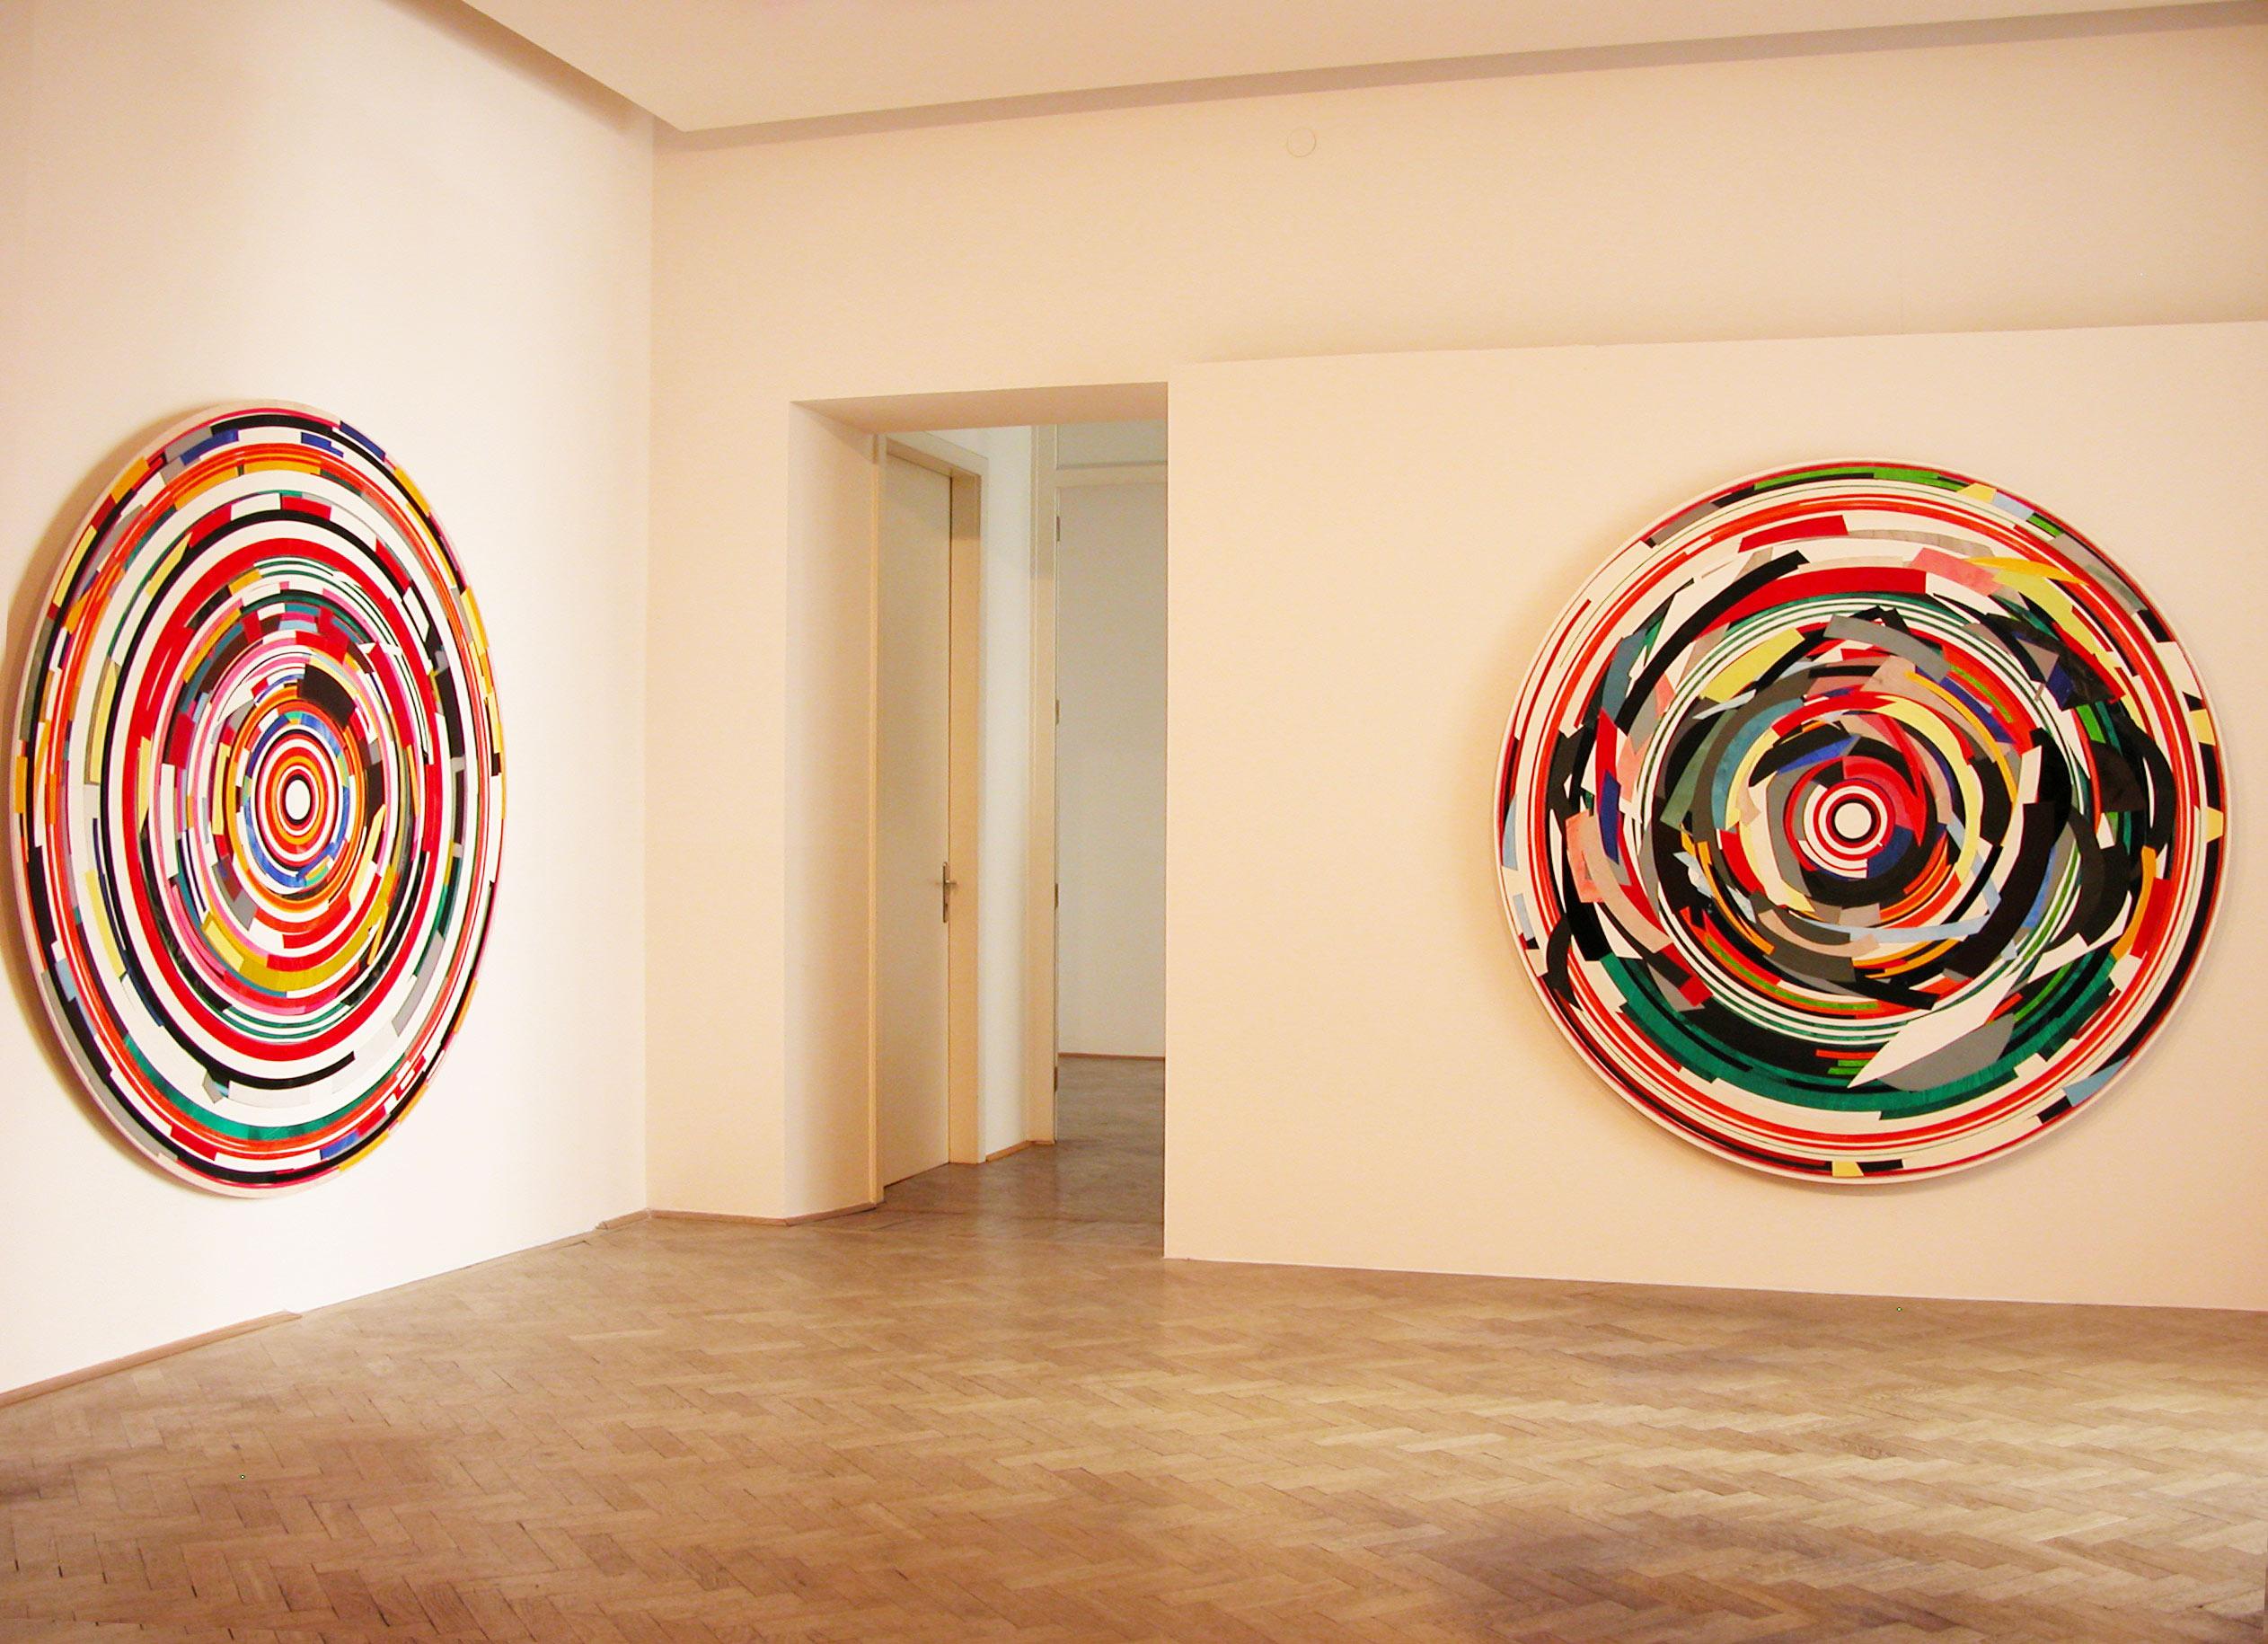 Herwig Steiner (1956L), Kunstraum Stephansplatz6 /Wien, 2018, Ausstellungsansicht (v.l.n.r.)<br>Herwig Steiner (1956L), Postattrappe FO4a, 2007, Collage, Ø ca. 198cm <br>Herwig Steiner (1956L), Postattrappe S/2013/2017/030a, 2017, Collage, Ø ca. 195cm